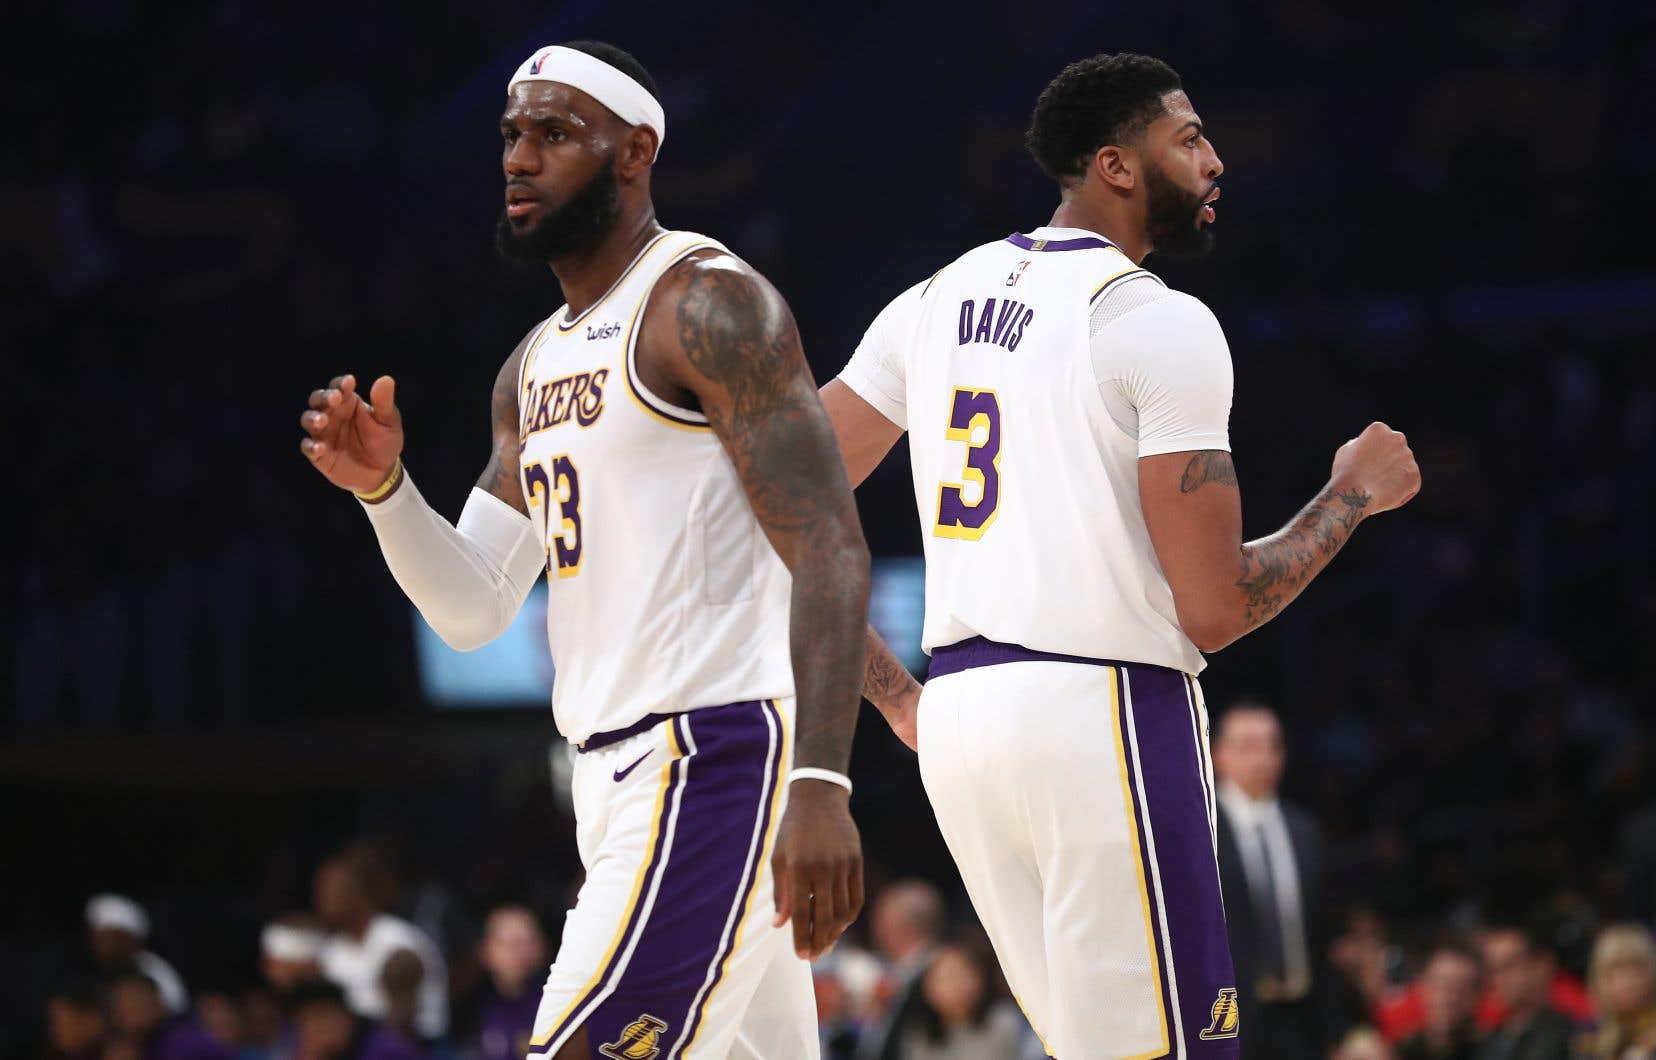 Toute la planète NBA brûle de voir Kawhi Leonard et Paul George, arrivés en force chez les Clippers, défier LeBron James et Anthony Davis, recrue phare des Lakers (en photo).